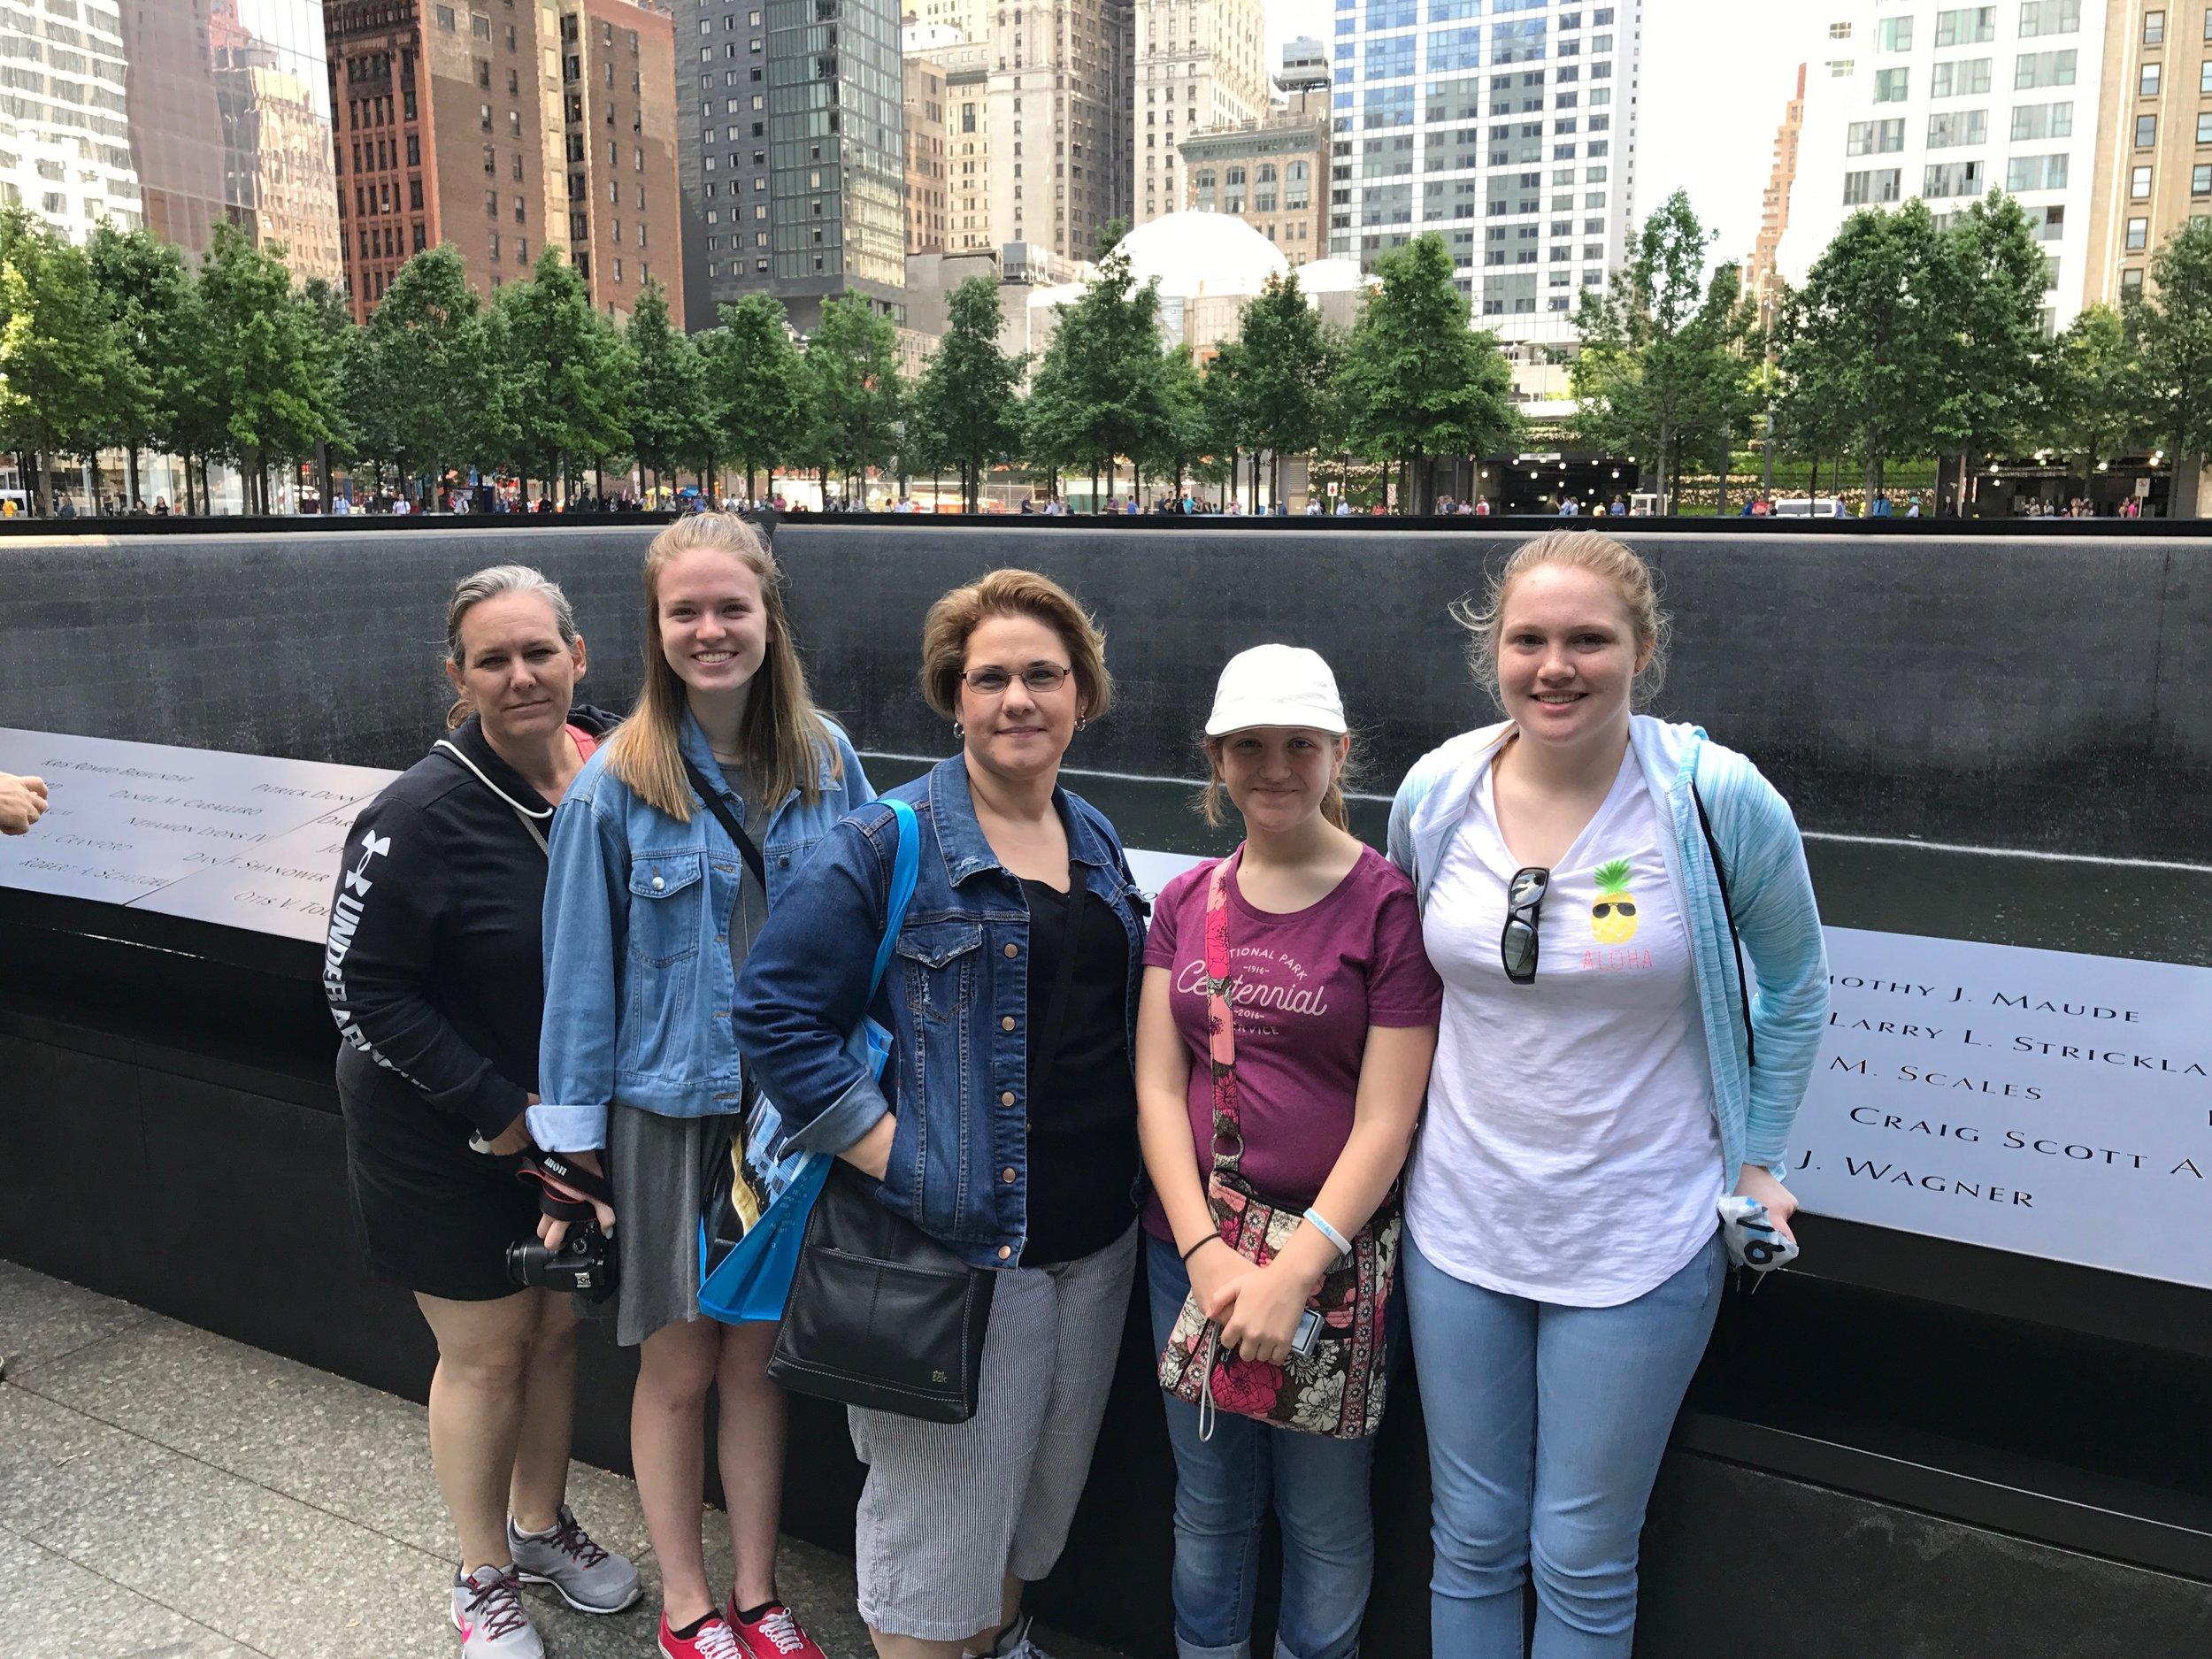 APOTHEOSIS NYC TRIP